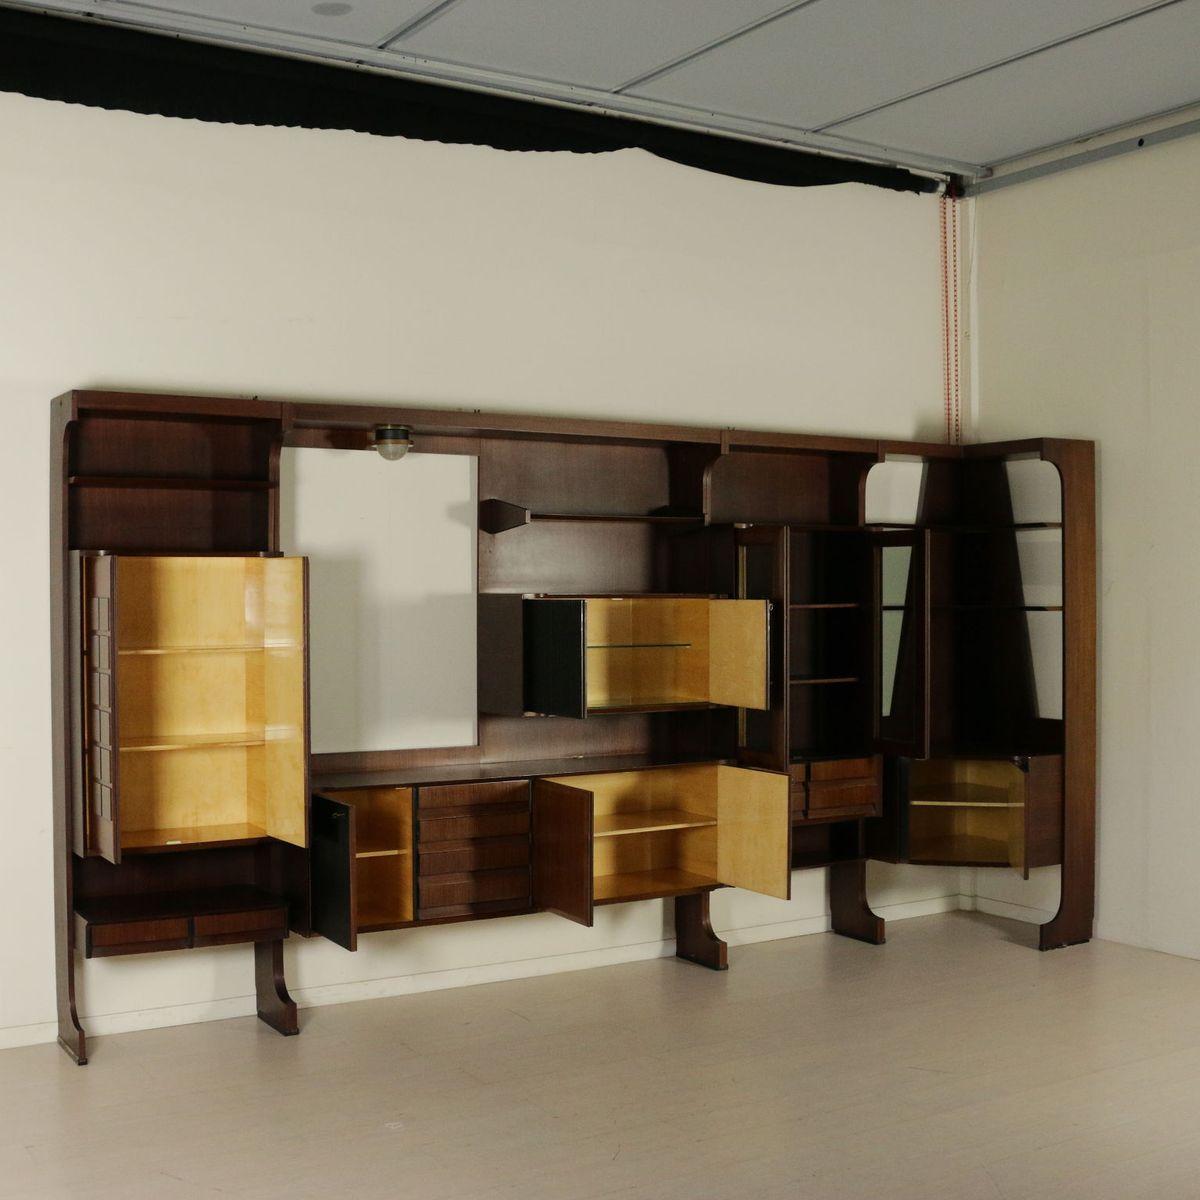 wohnzimmer kleiderschrank aus palisander furnier 1960er - Wohnzimmer Kleiderschrank